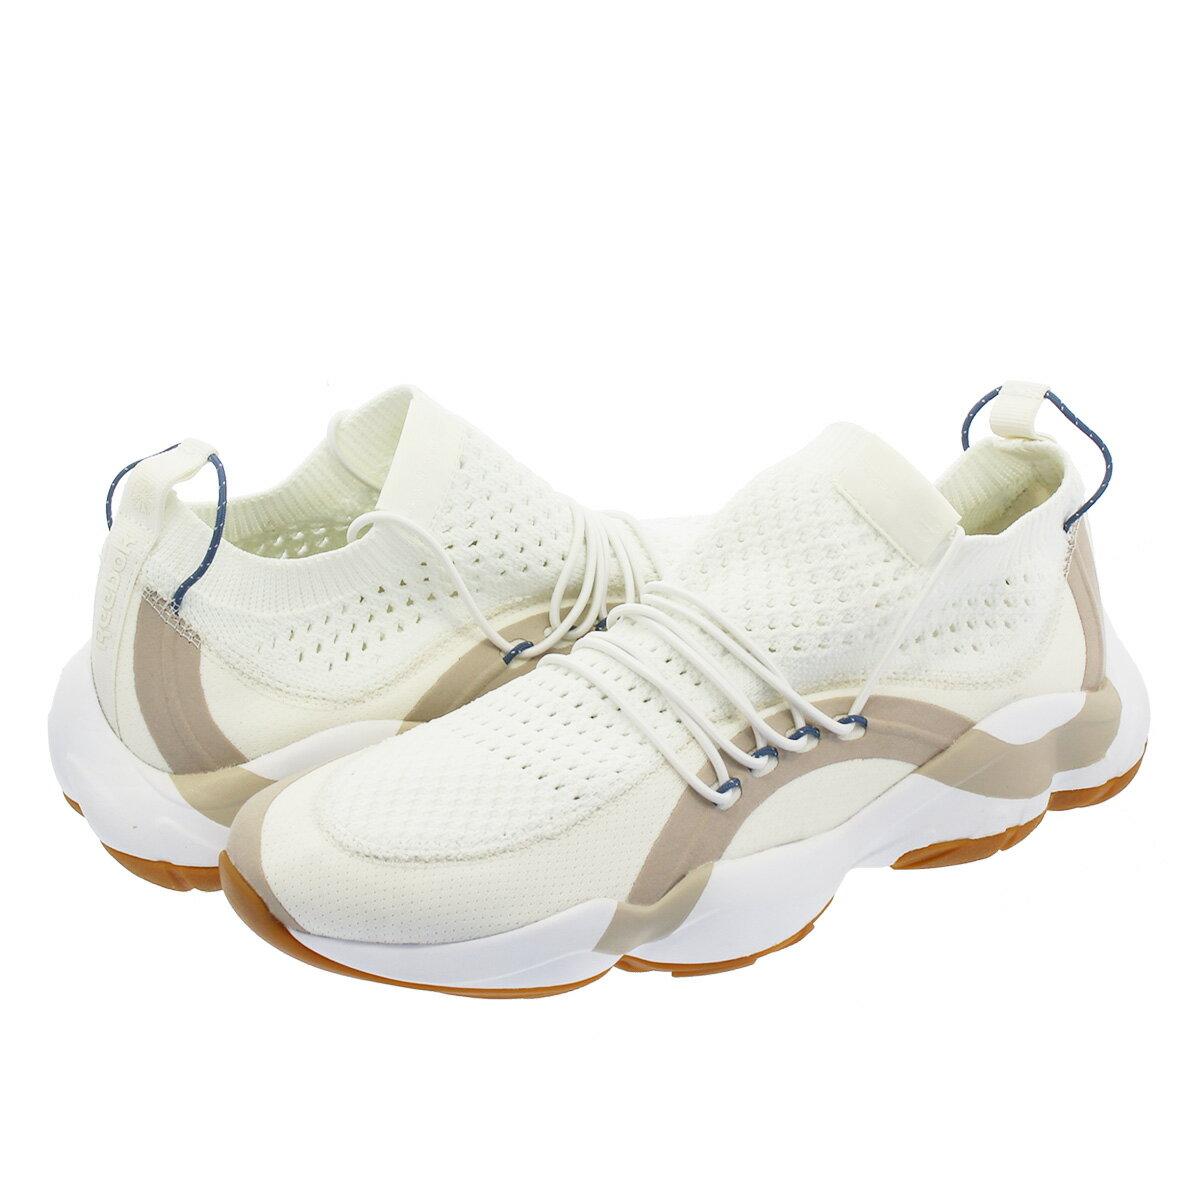 メンズ靴, スニーカー  Reebok DMX FUSION GI DMX GI CHALKBEIGEBULEWHITEGUM cn3897